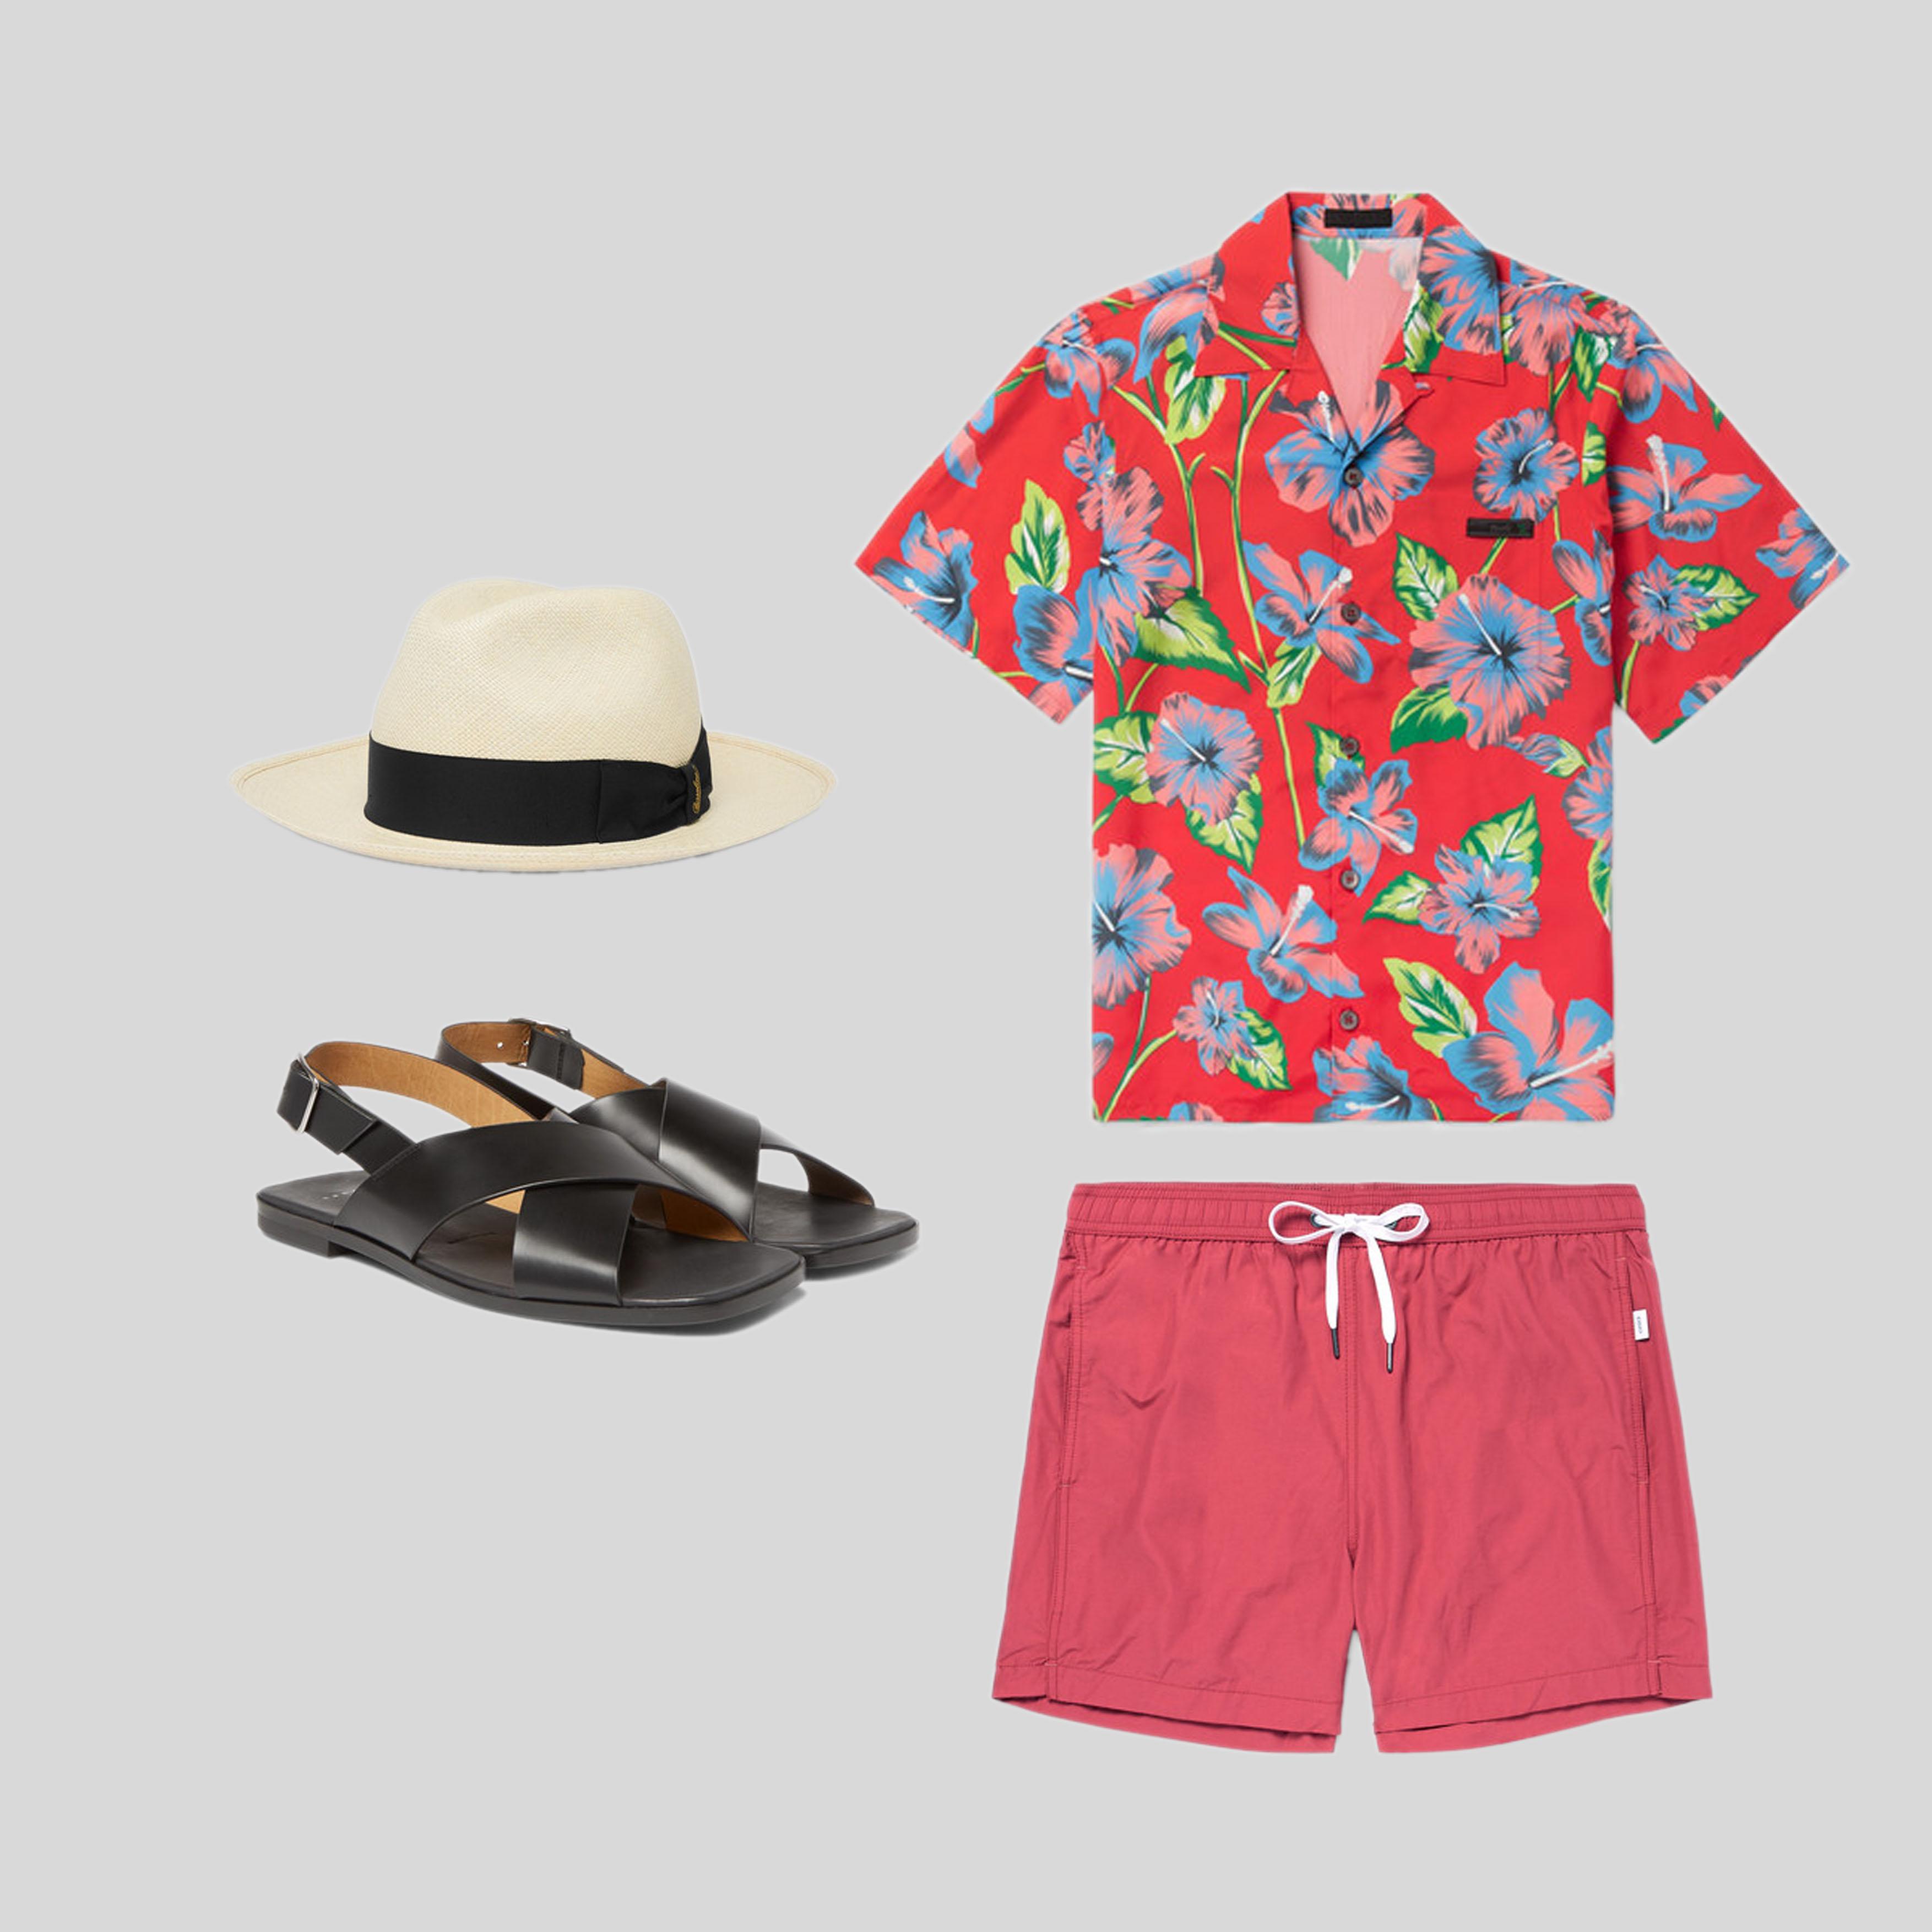 ELLE Man Style Calendar 'F5' phong cách với chiếc quần short đi biển. (2)